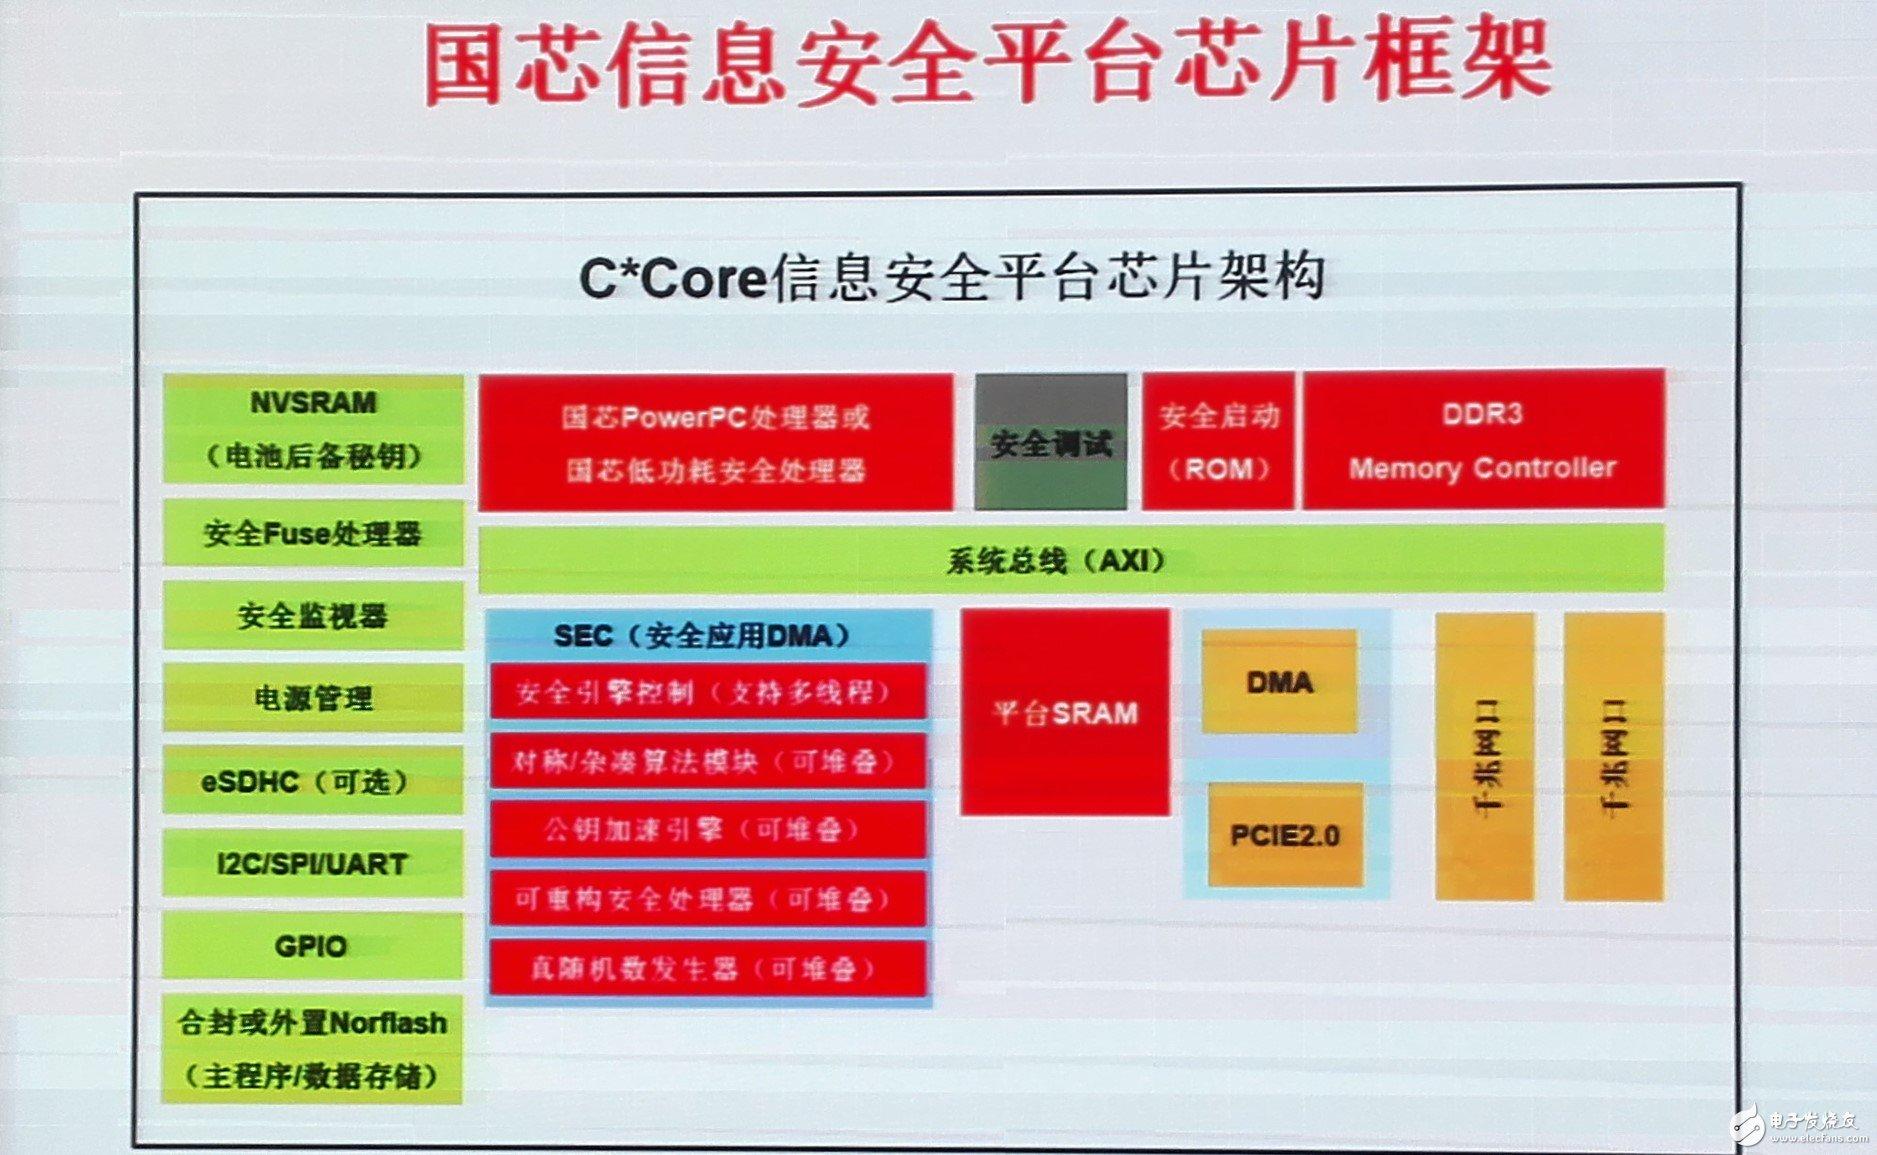 解读国芯安全系统软硬件平台